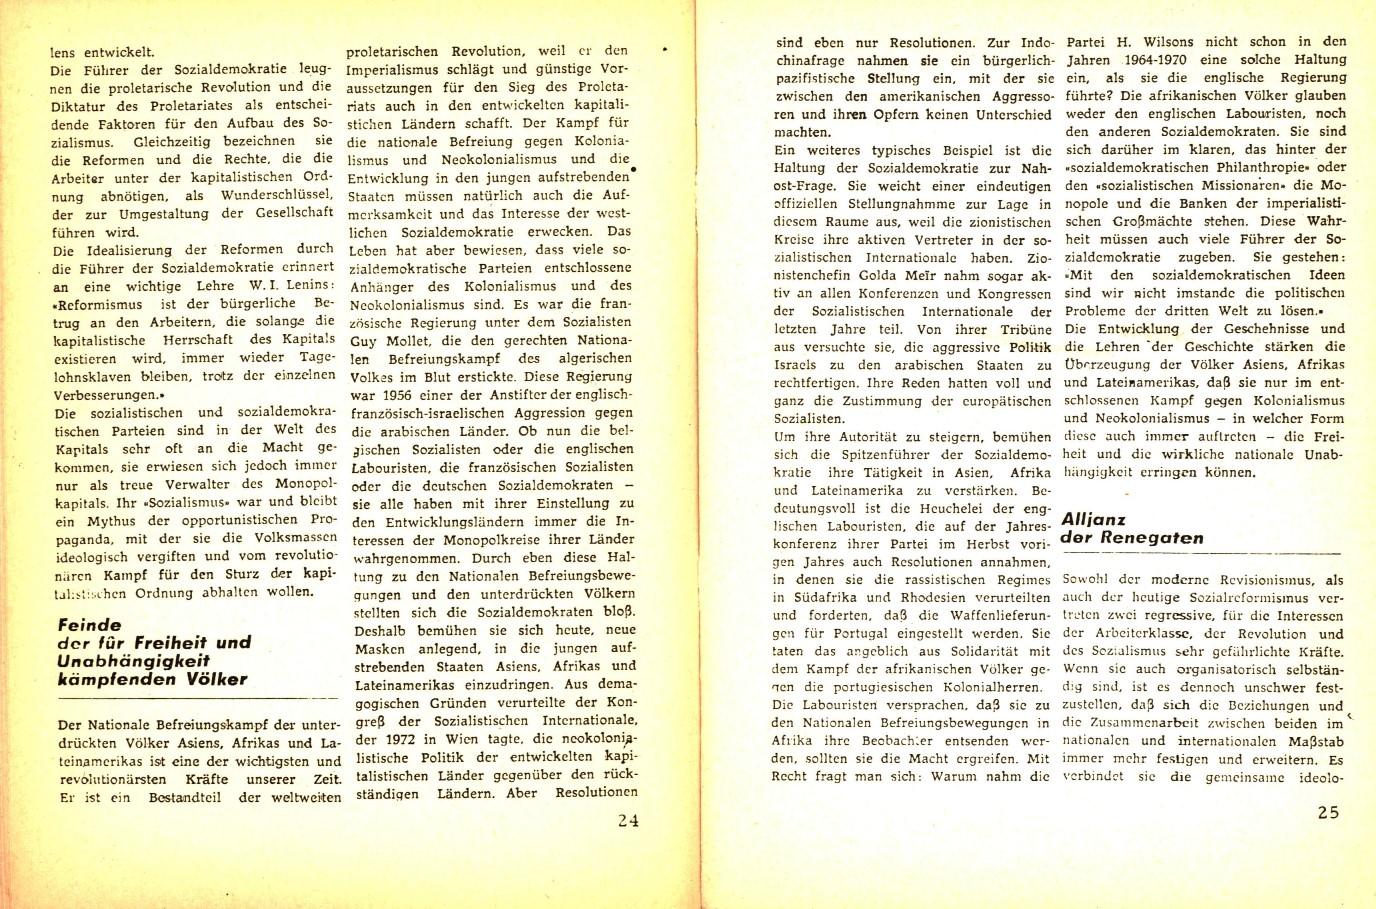 KPDAO_1974_30_Jahre_Befreiung_Albaniens_13